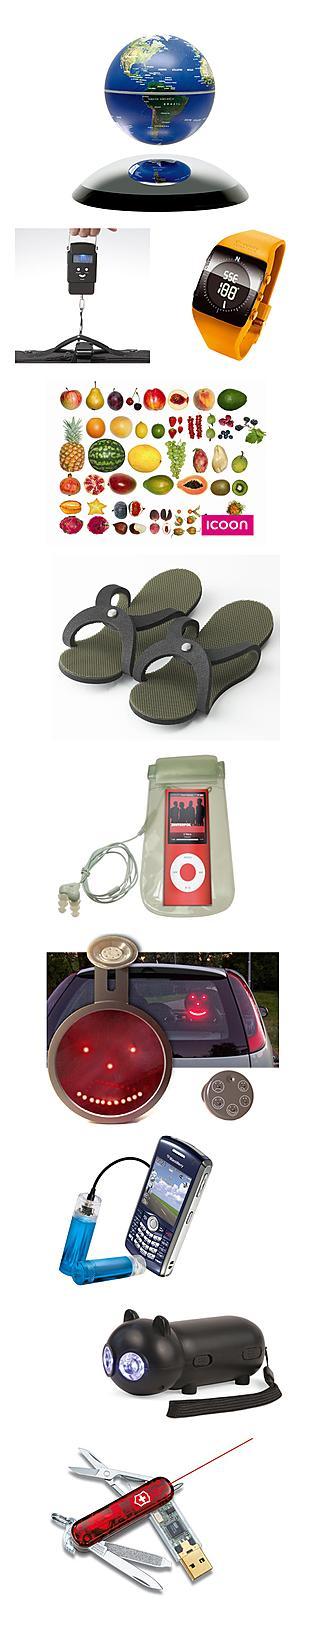 ¿Cuál de estos gadgets necesitas?